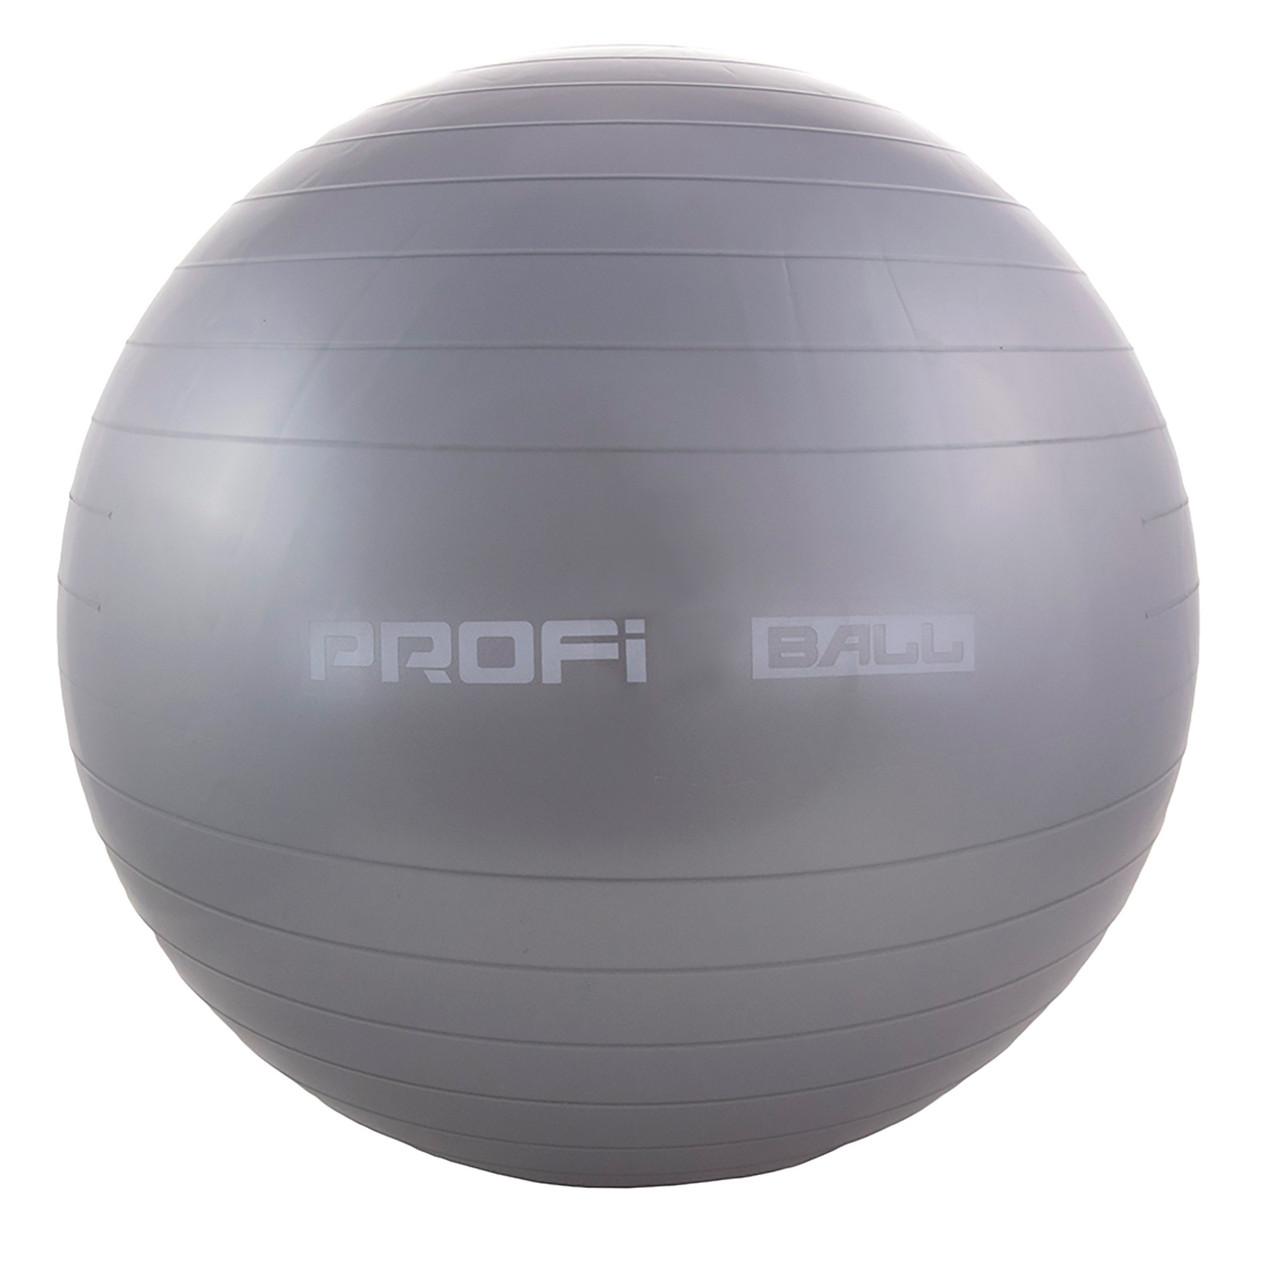 Фитбол (Мяч для фитнеса, гимнастический) глянец Profi 65 см (M 0276) Серый